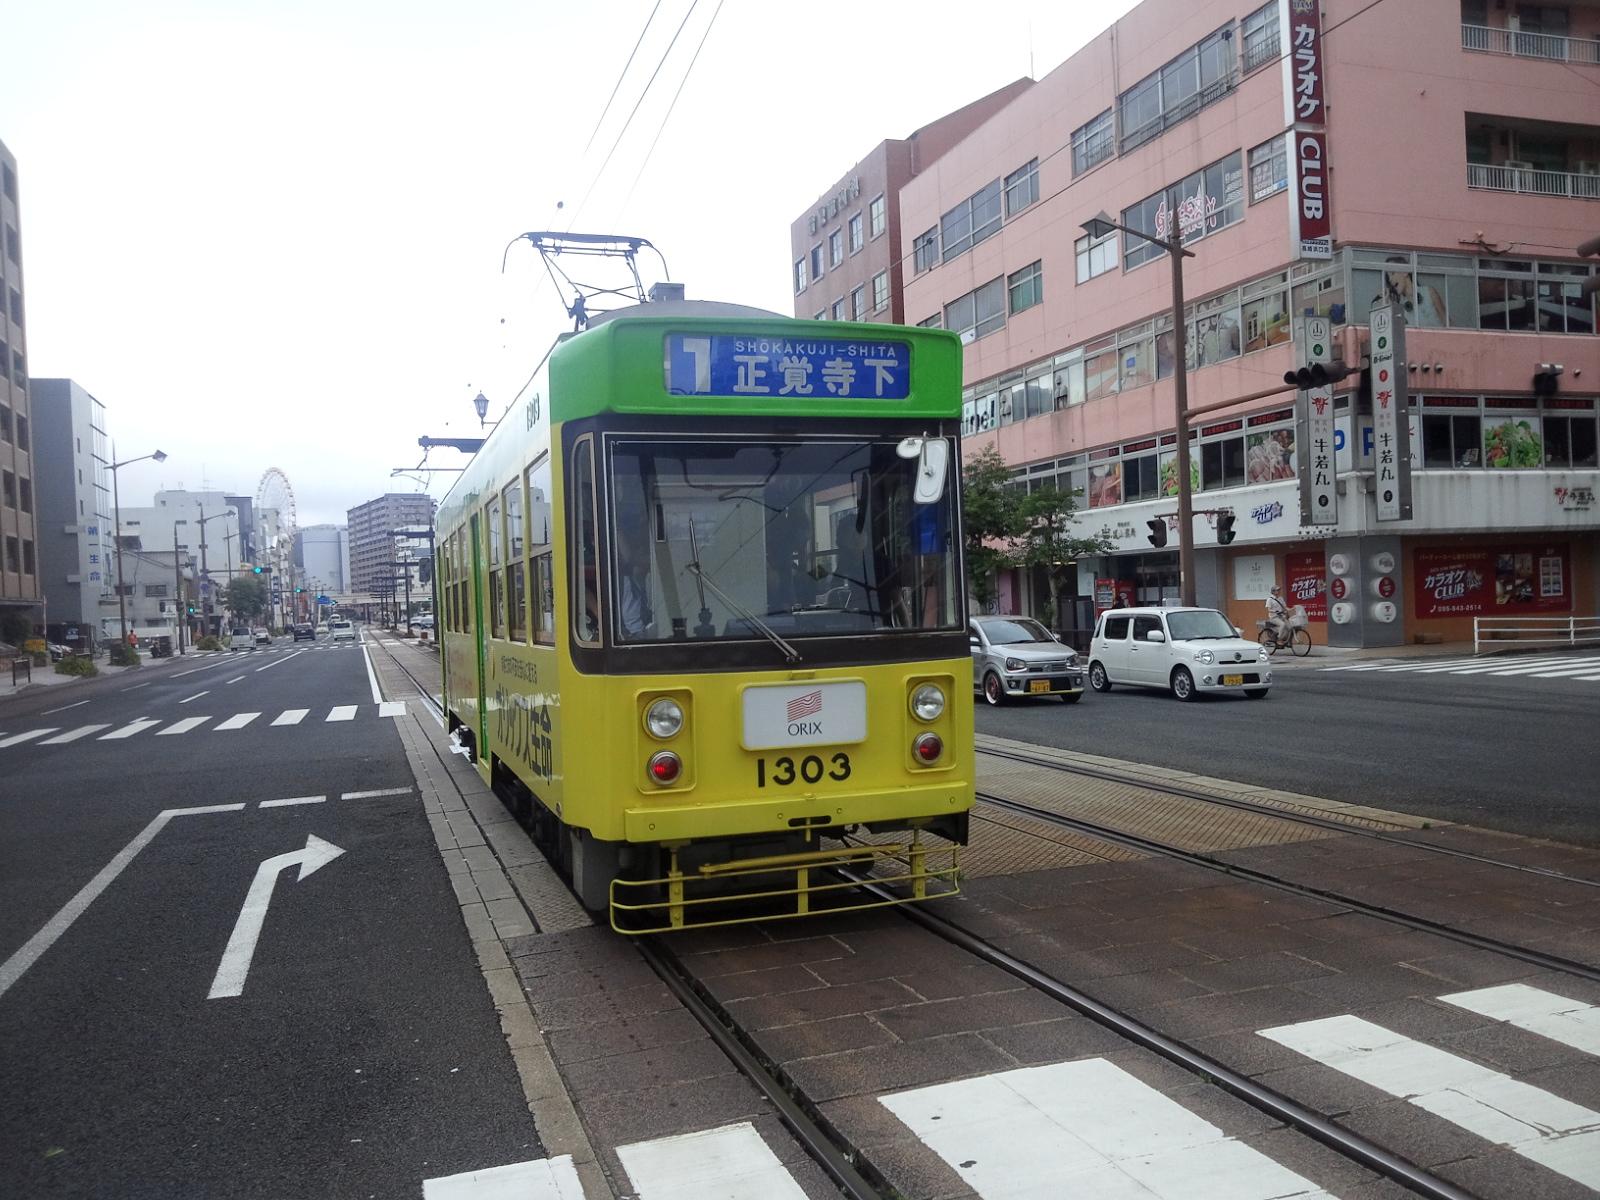 長崎電気軌道1303号車